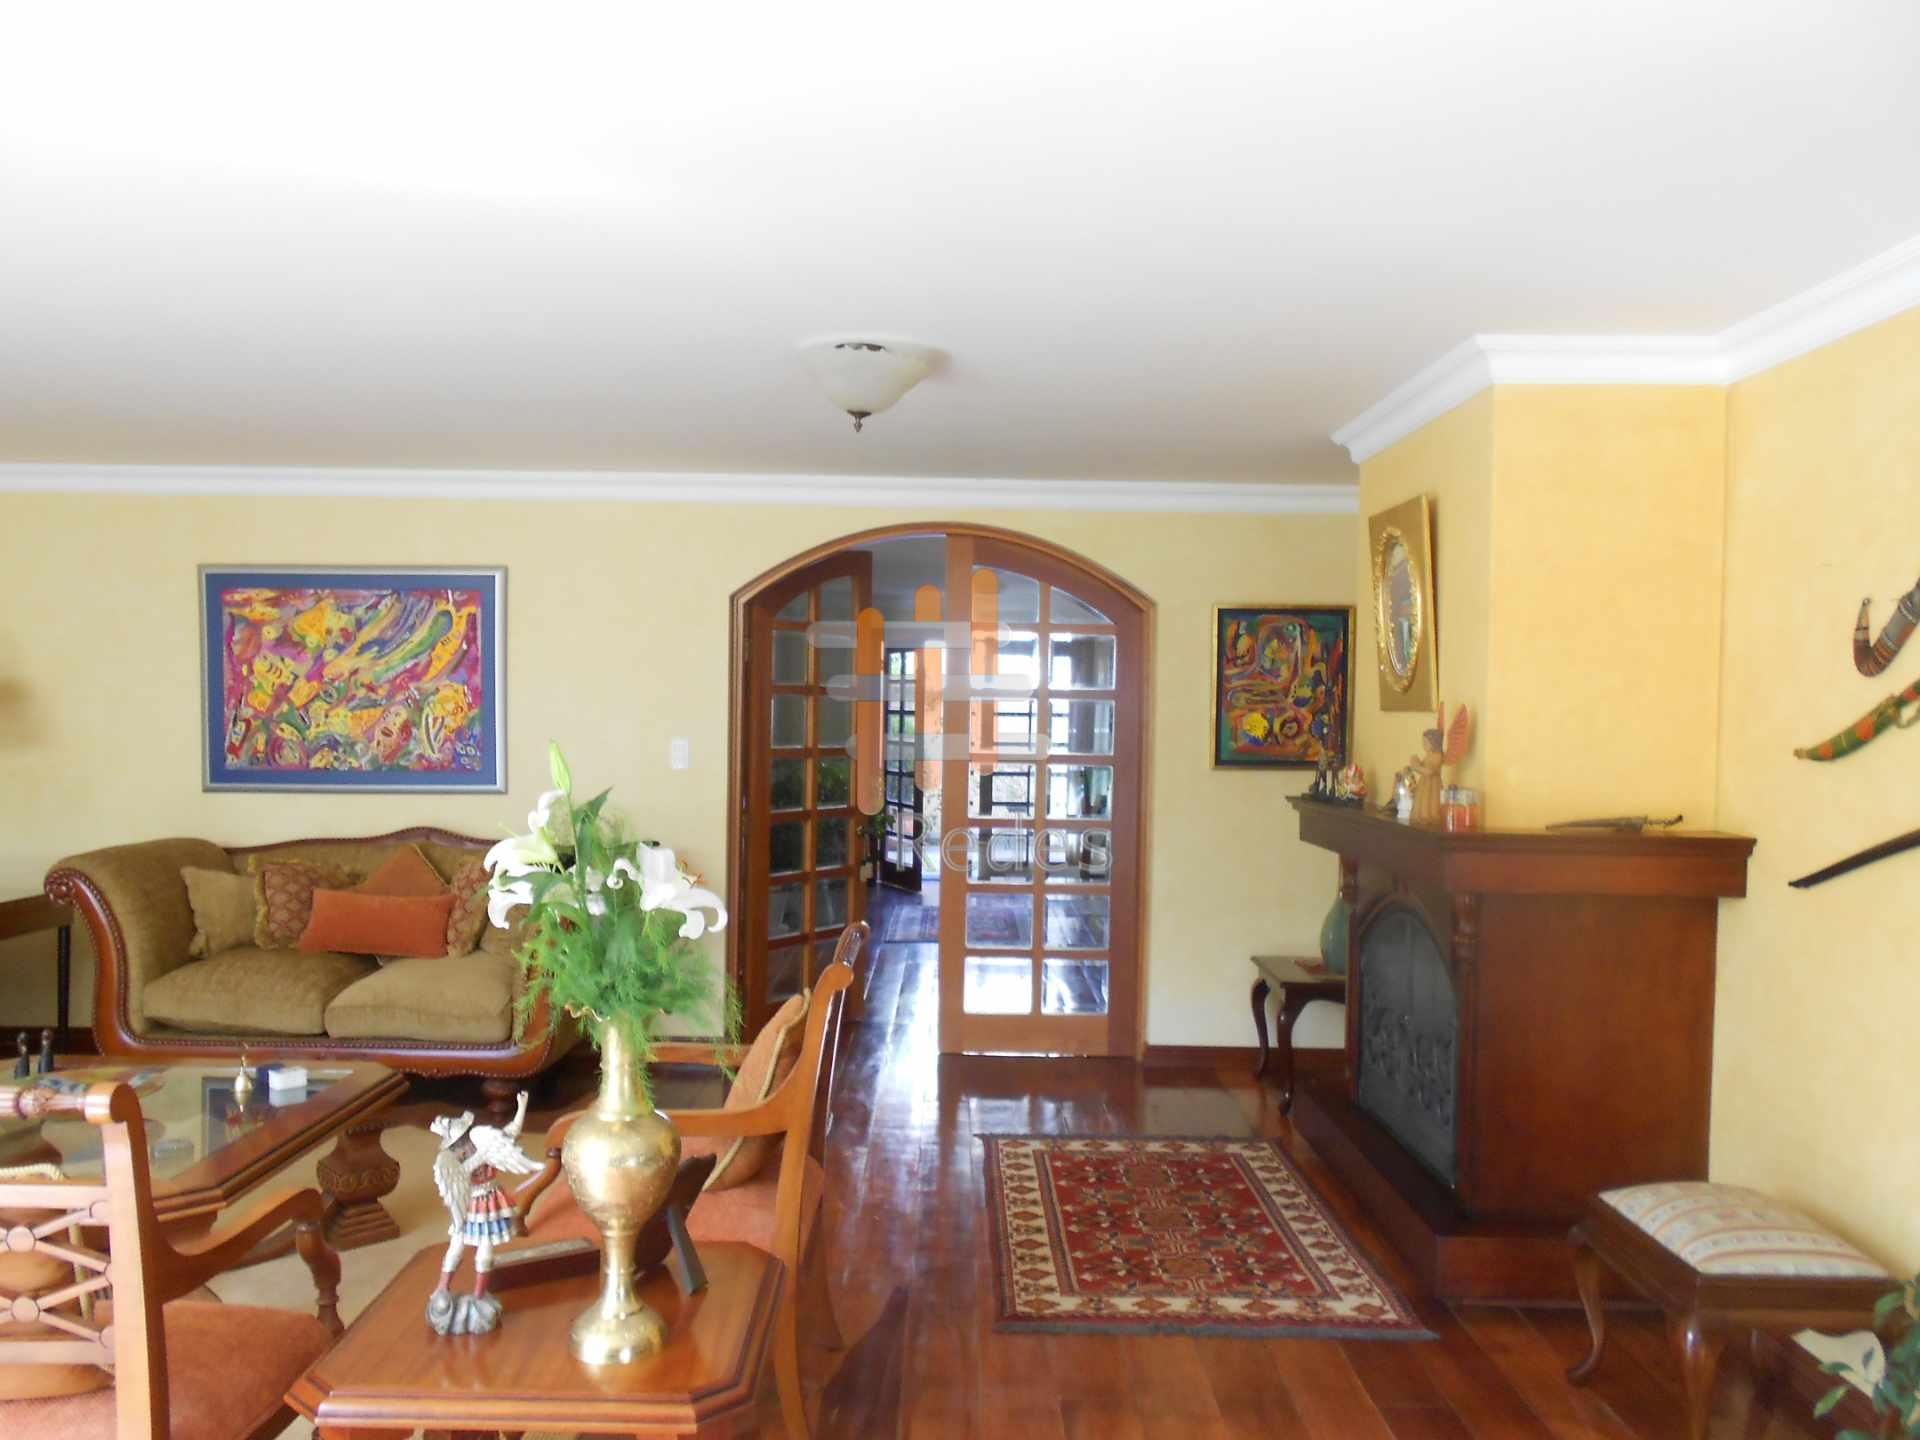 Casa en Alquiler PRECIOSA RESIDENCIA EN JARDINES DEL SUR EN ALQUILER Foto 1